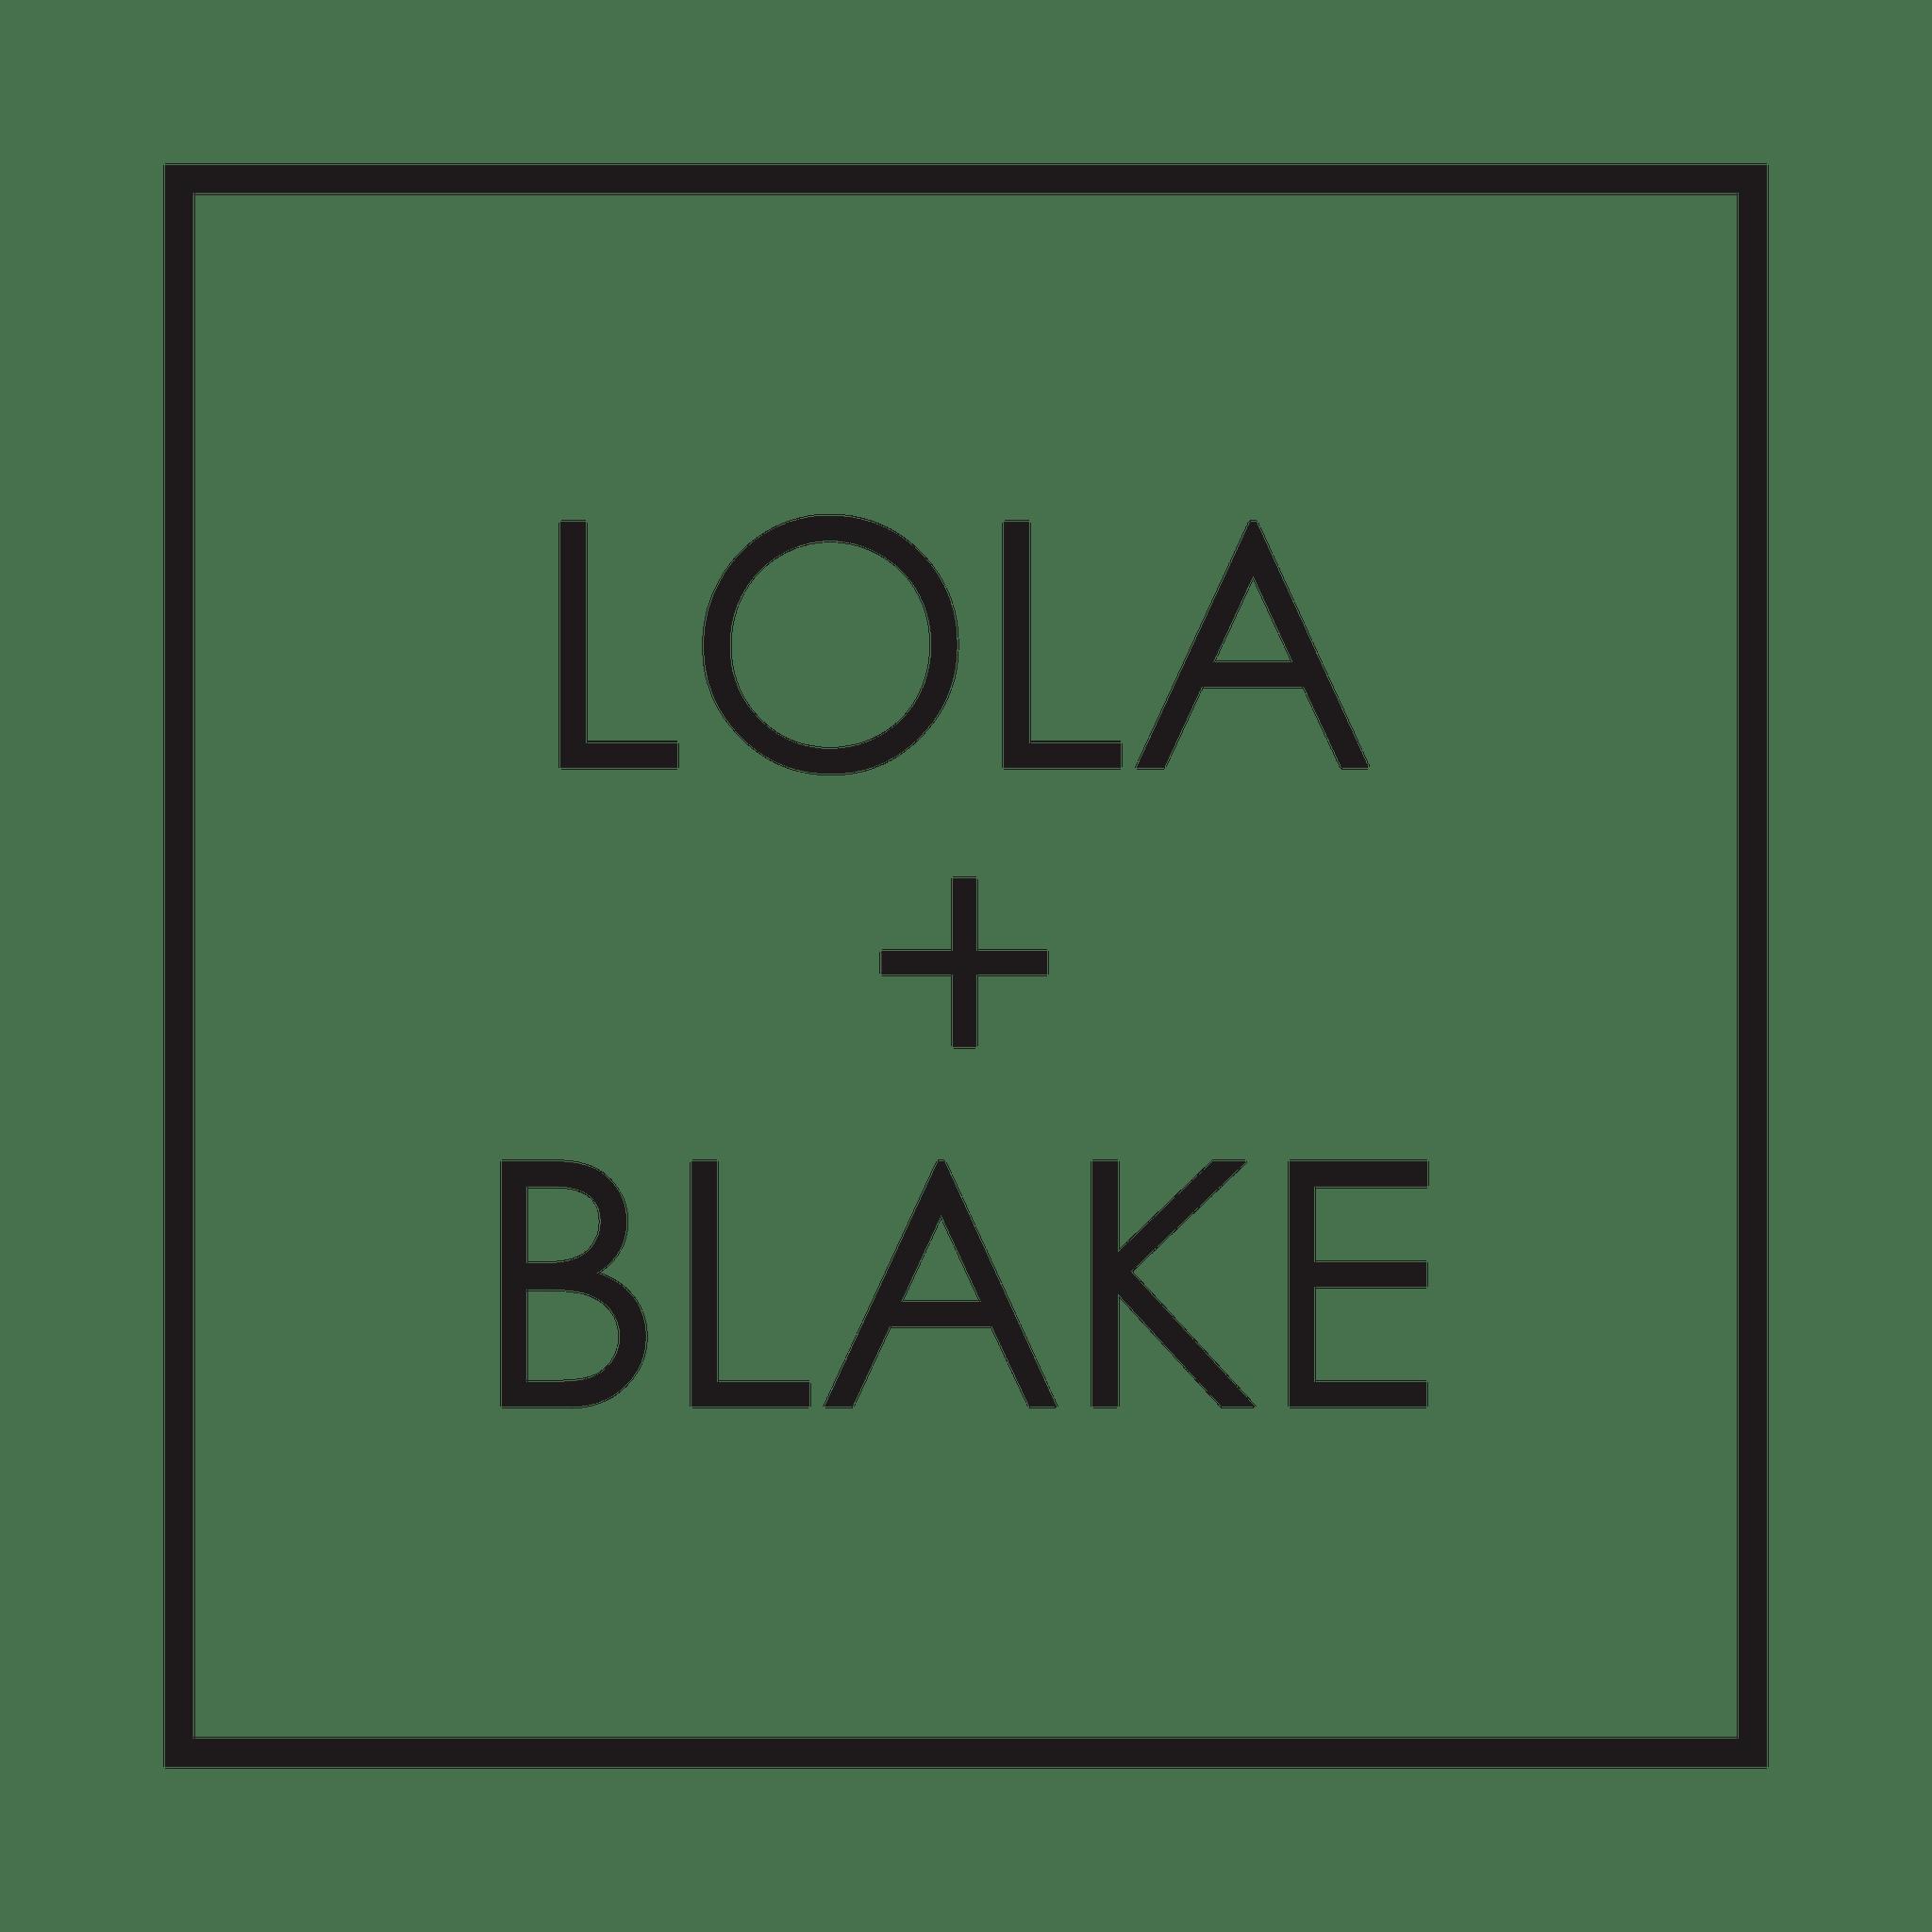 LOLA + BLAKE